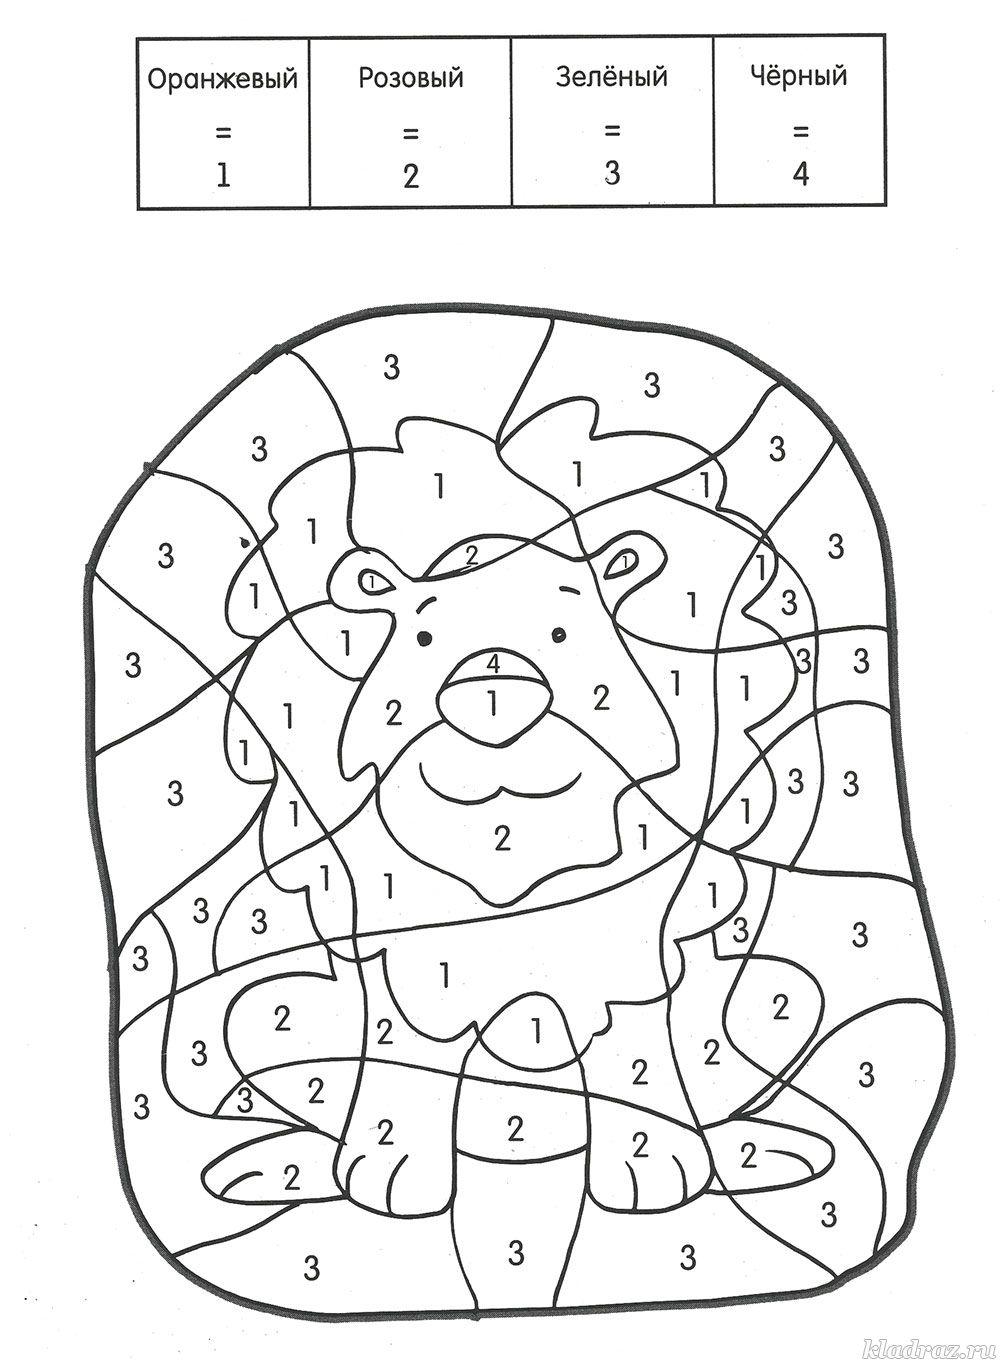 Раскраска по номерам для детей 5-7 лет